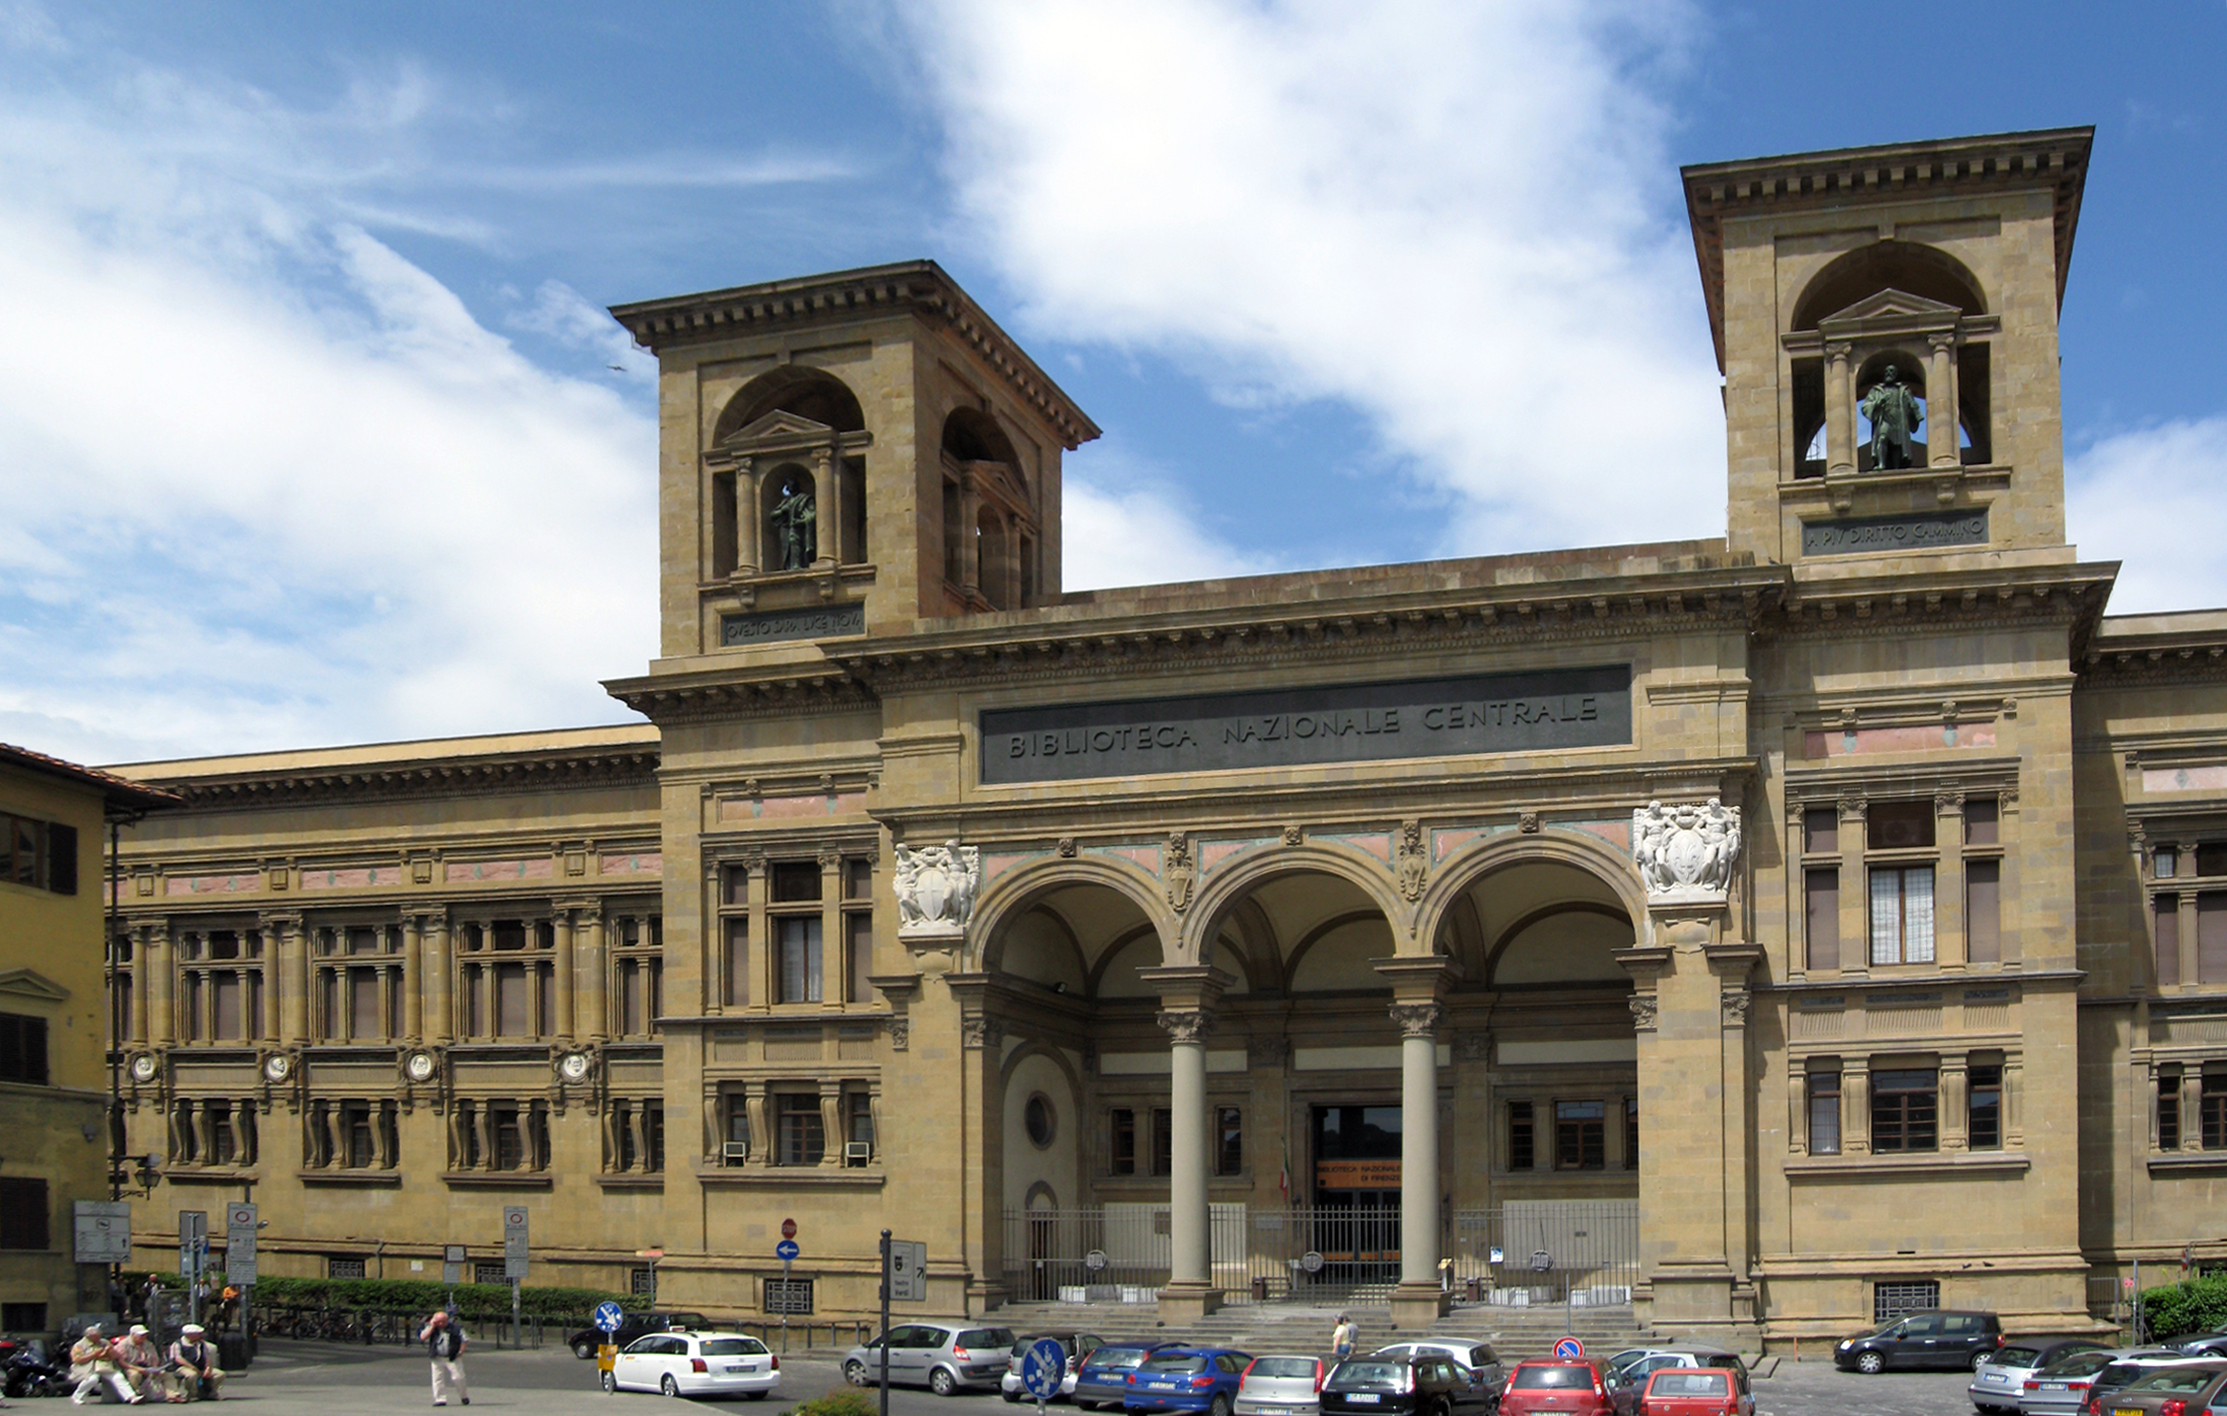 Biblioteca nazionale centrale di firenze wikipedia